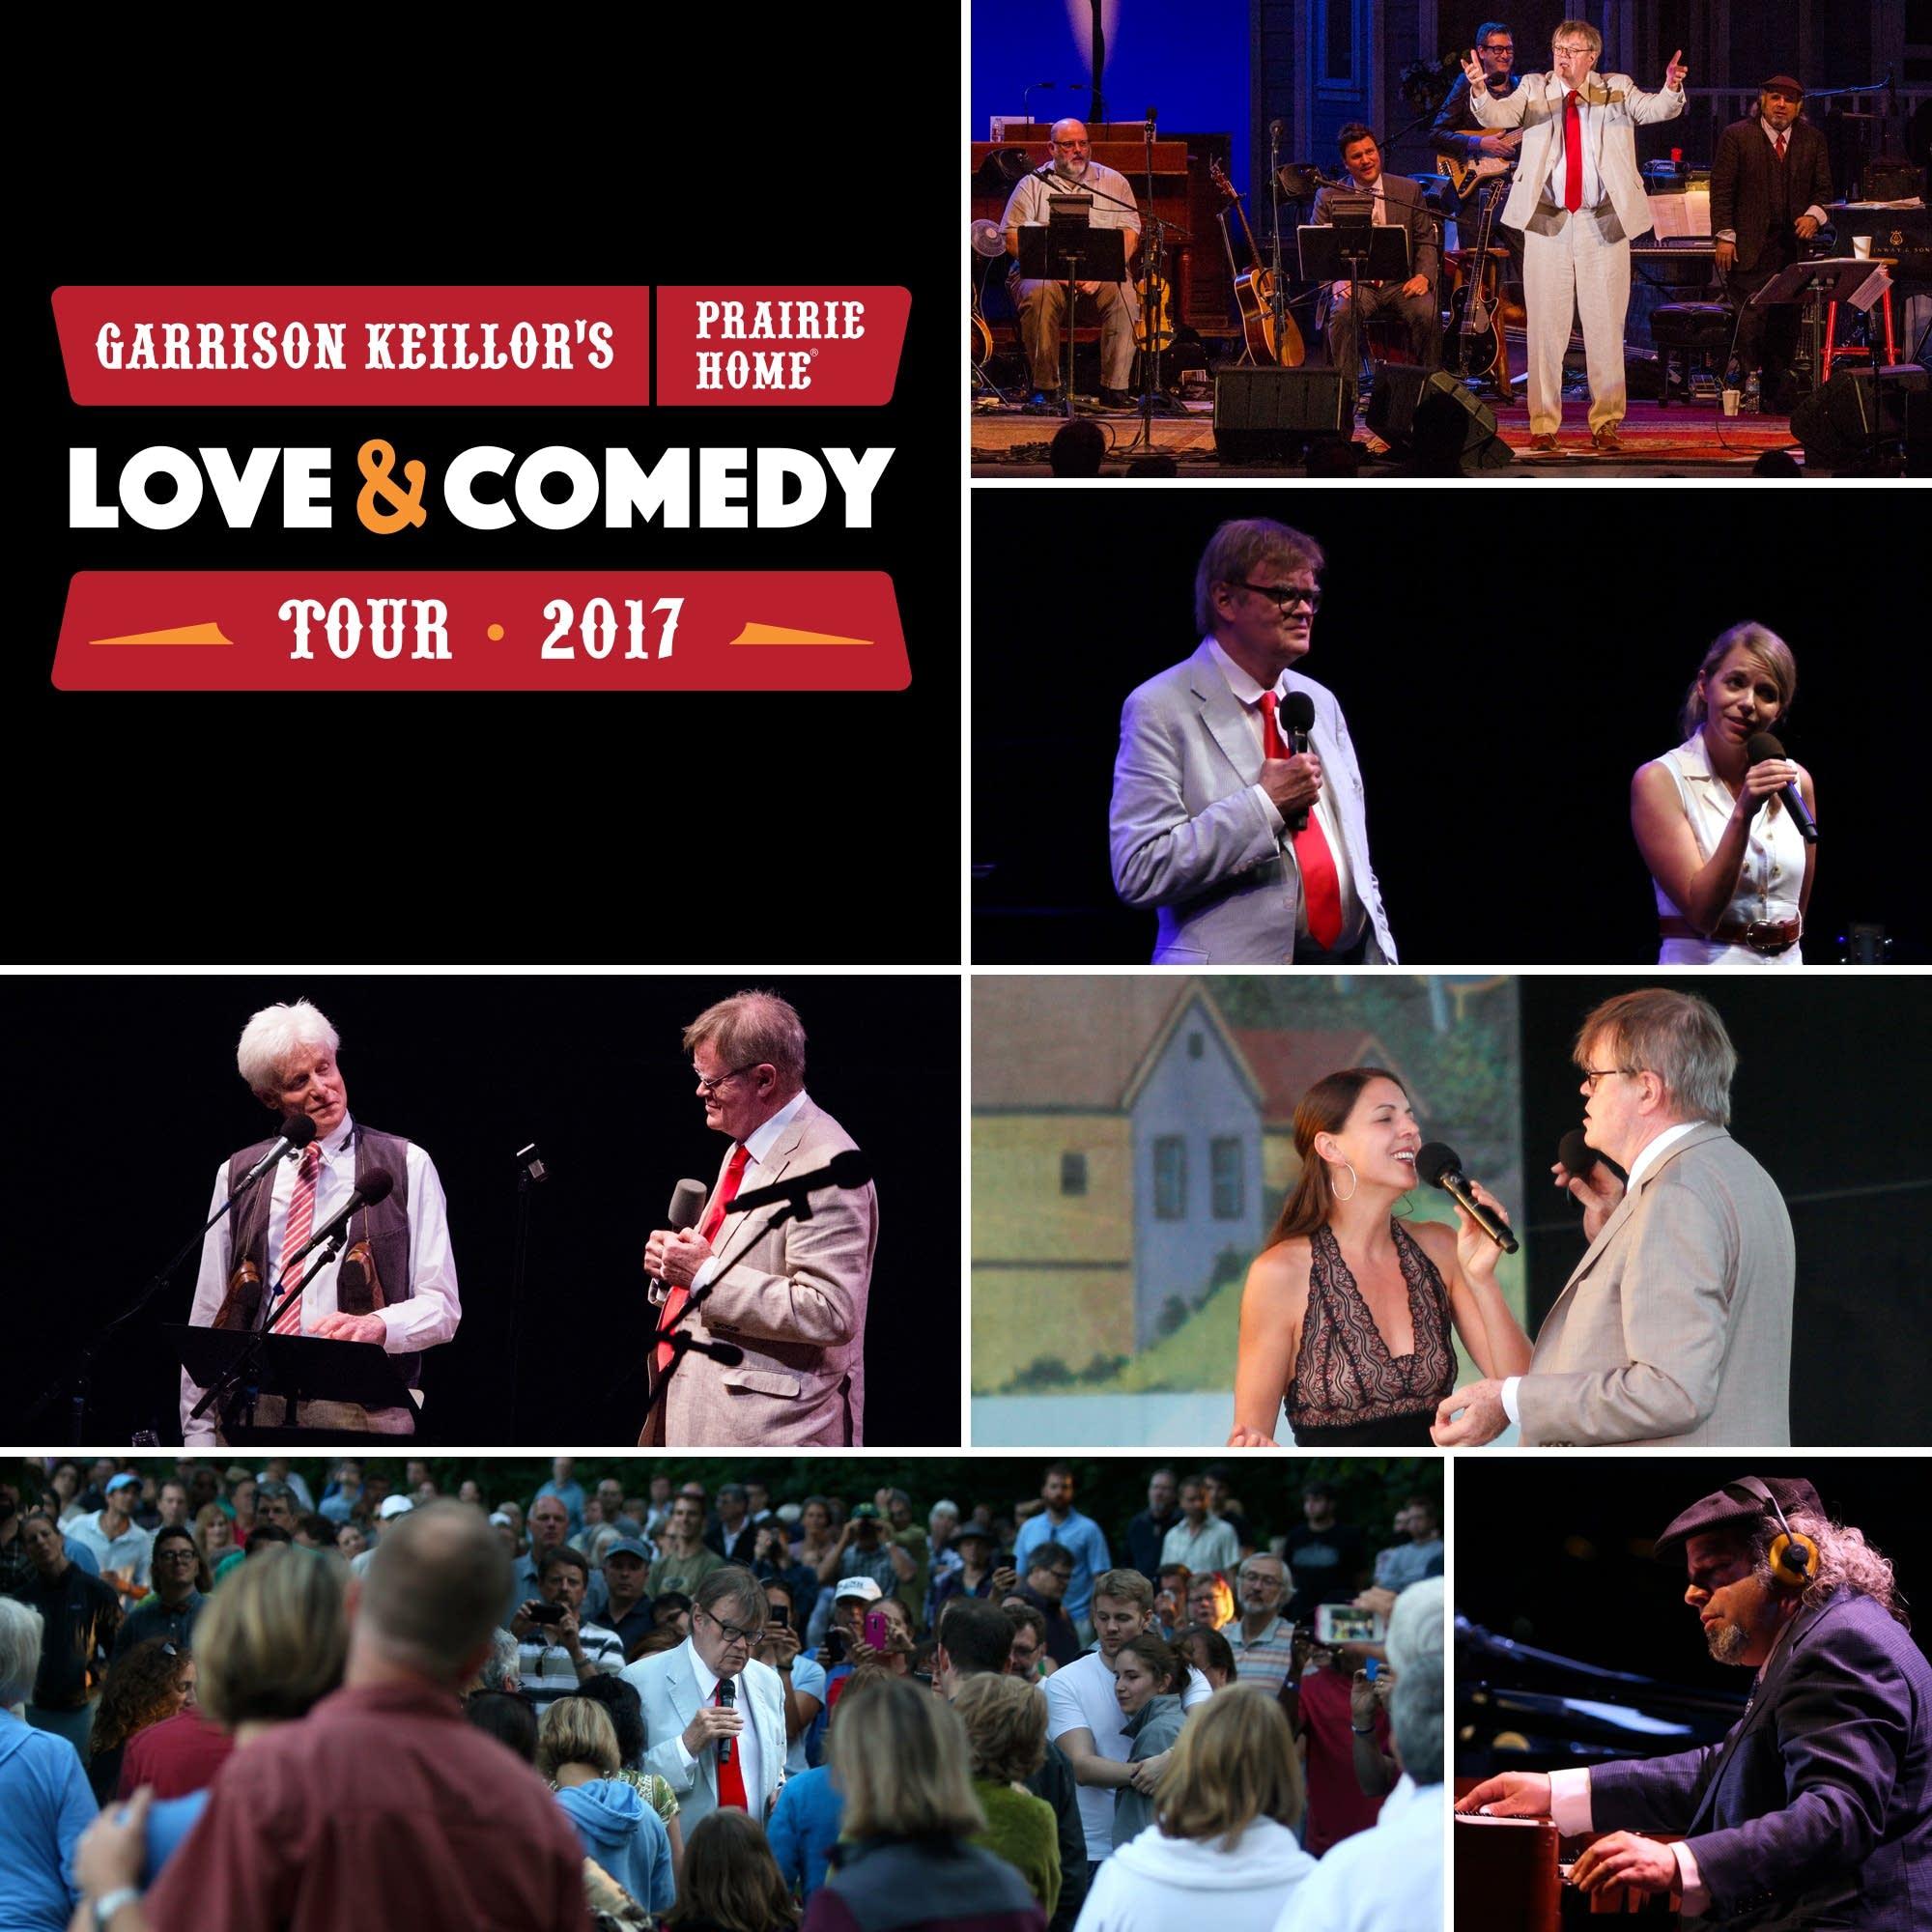 Garrison Keillor's Prairie Home Love and Comedy Tour